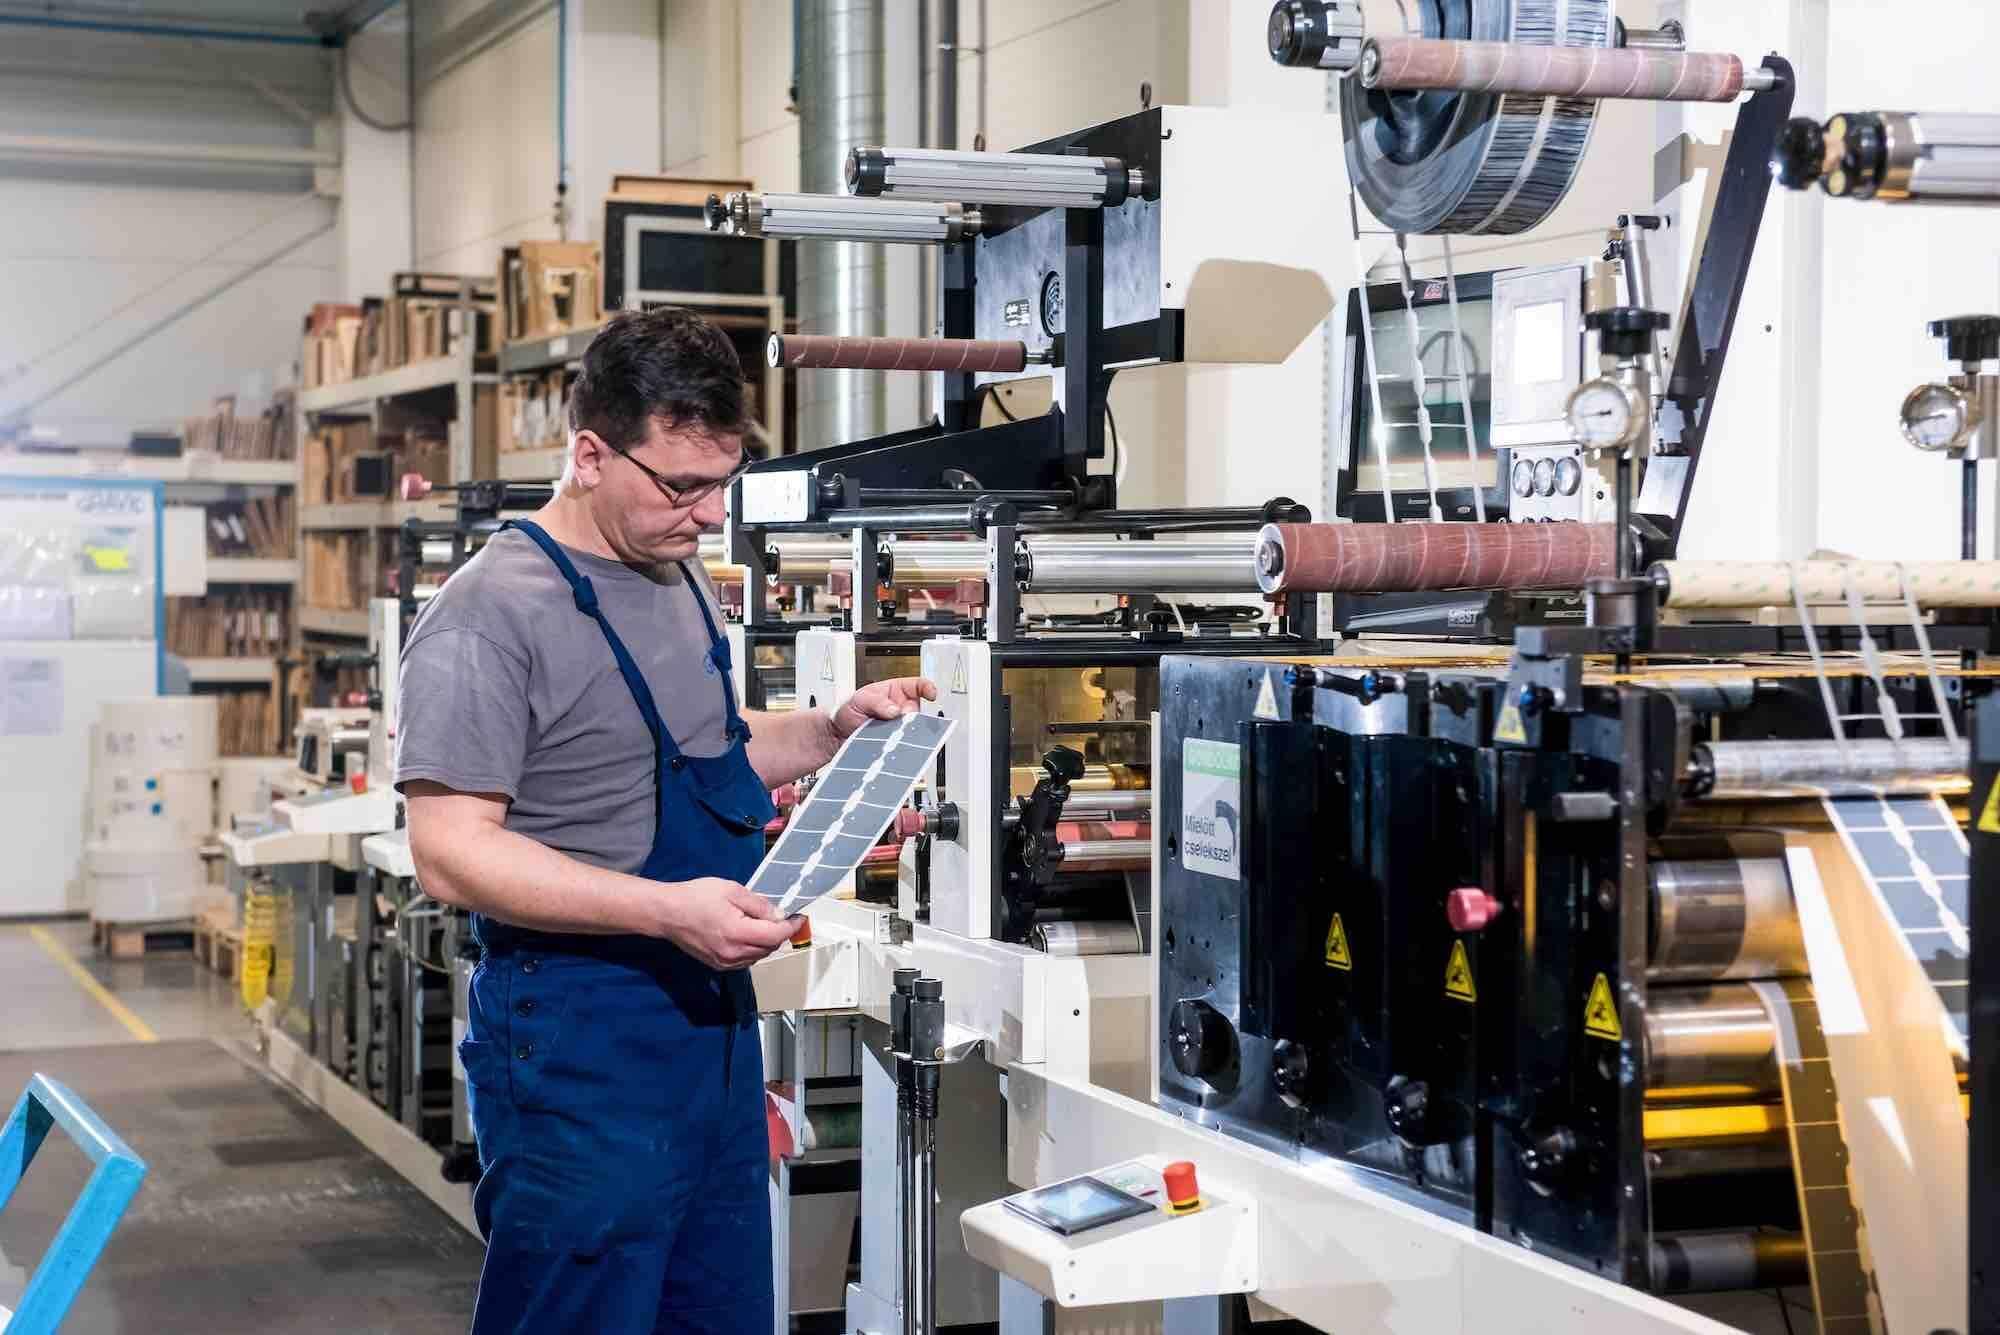 Új csarnokot hozott a növekedés a debreceni nyomdaipari cégnek